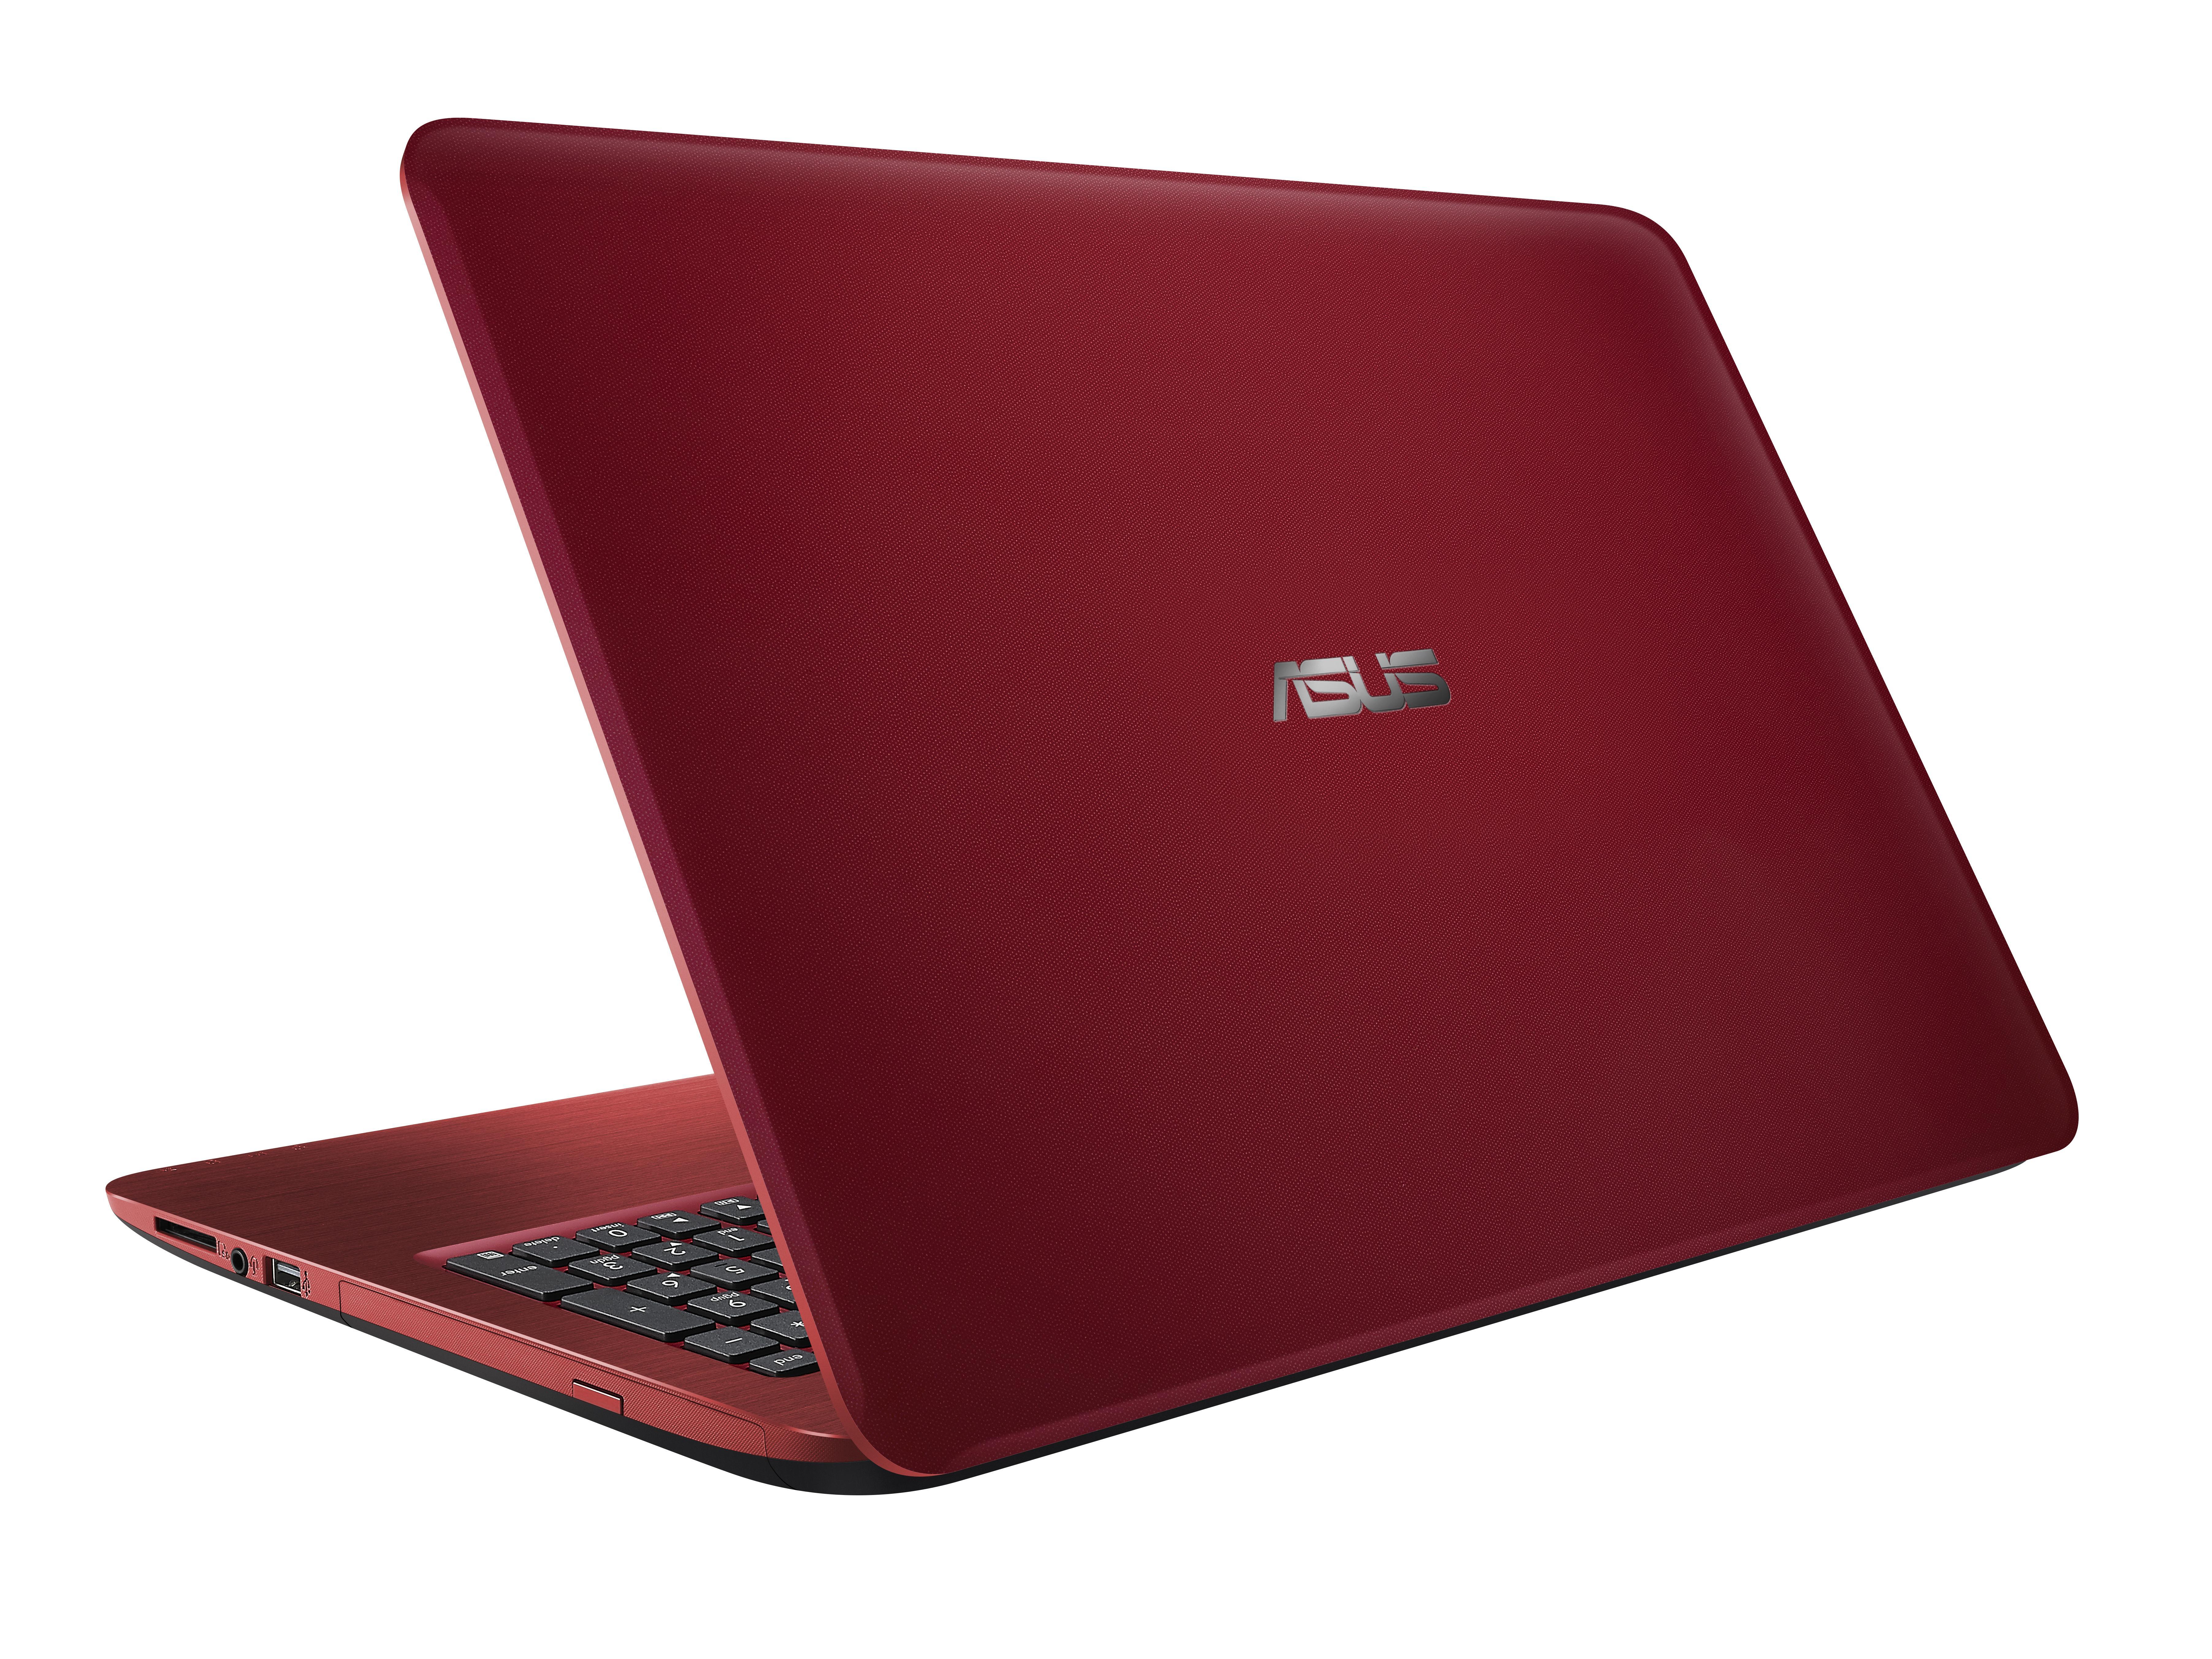 """ASUS R558UQ-XO852T 2.5GHz i5-7200U 15.6"""" 1366 x 768Pixel Rosso Computer portatile"""